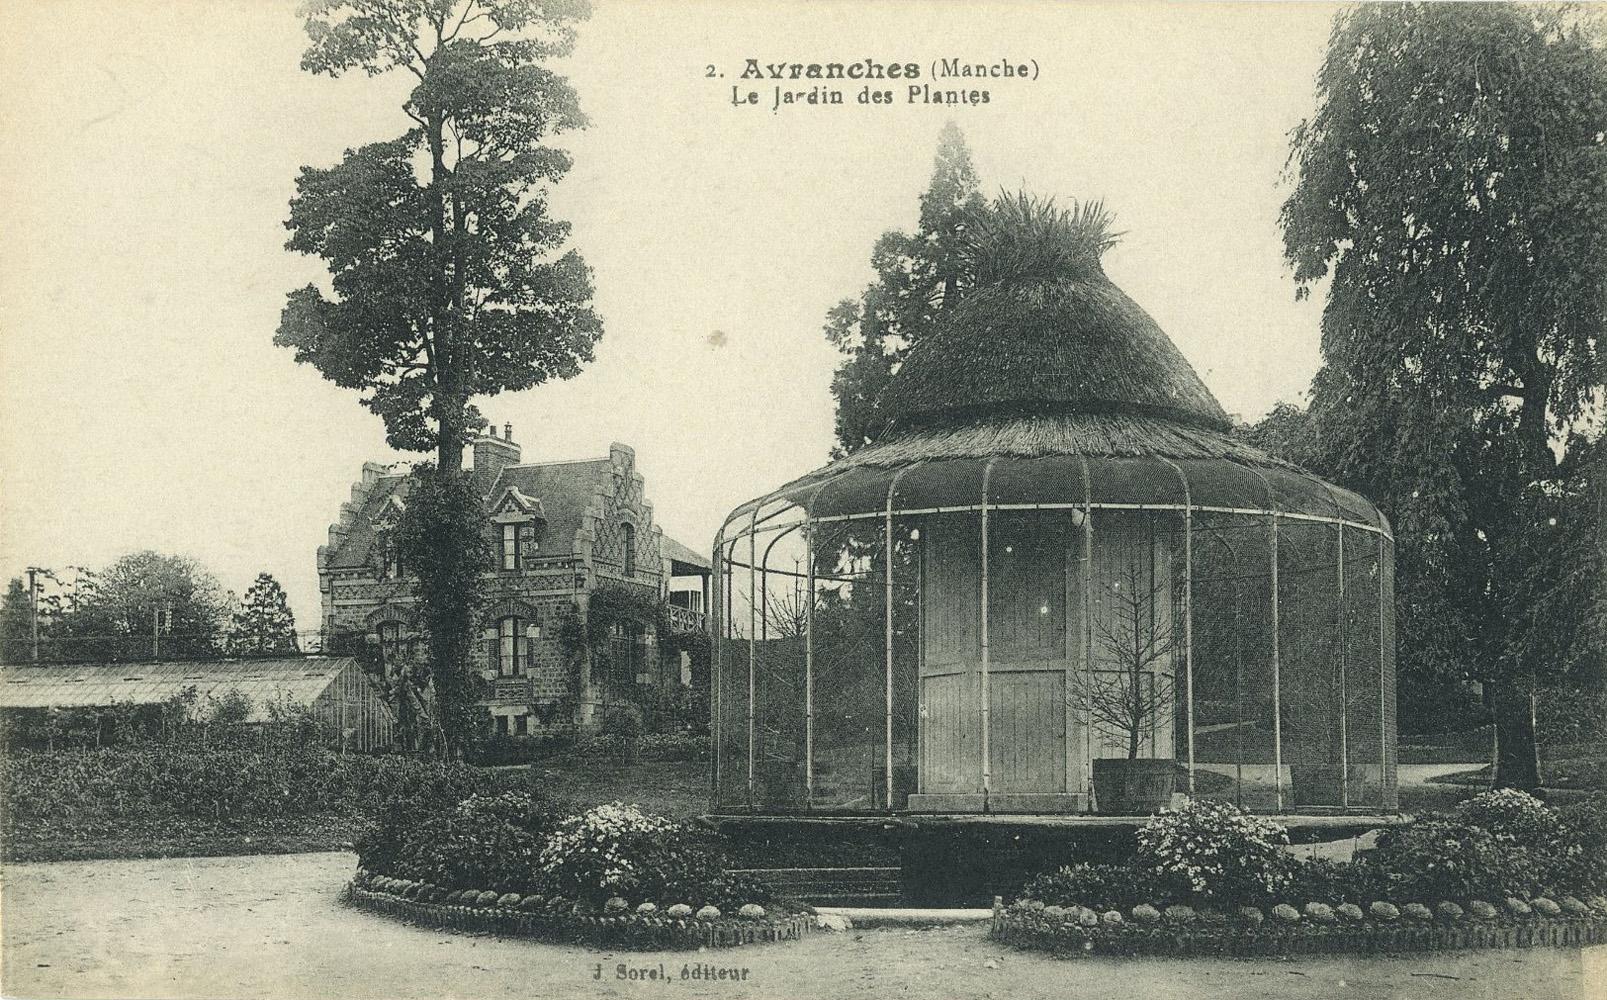 Les Zoos Dans Le Monde - Jardin Des Plantes D'avranches † destiné Jardin Des Plantes Avranches